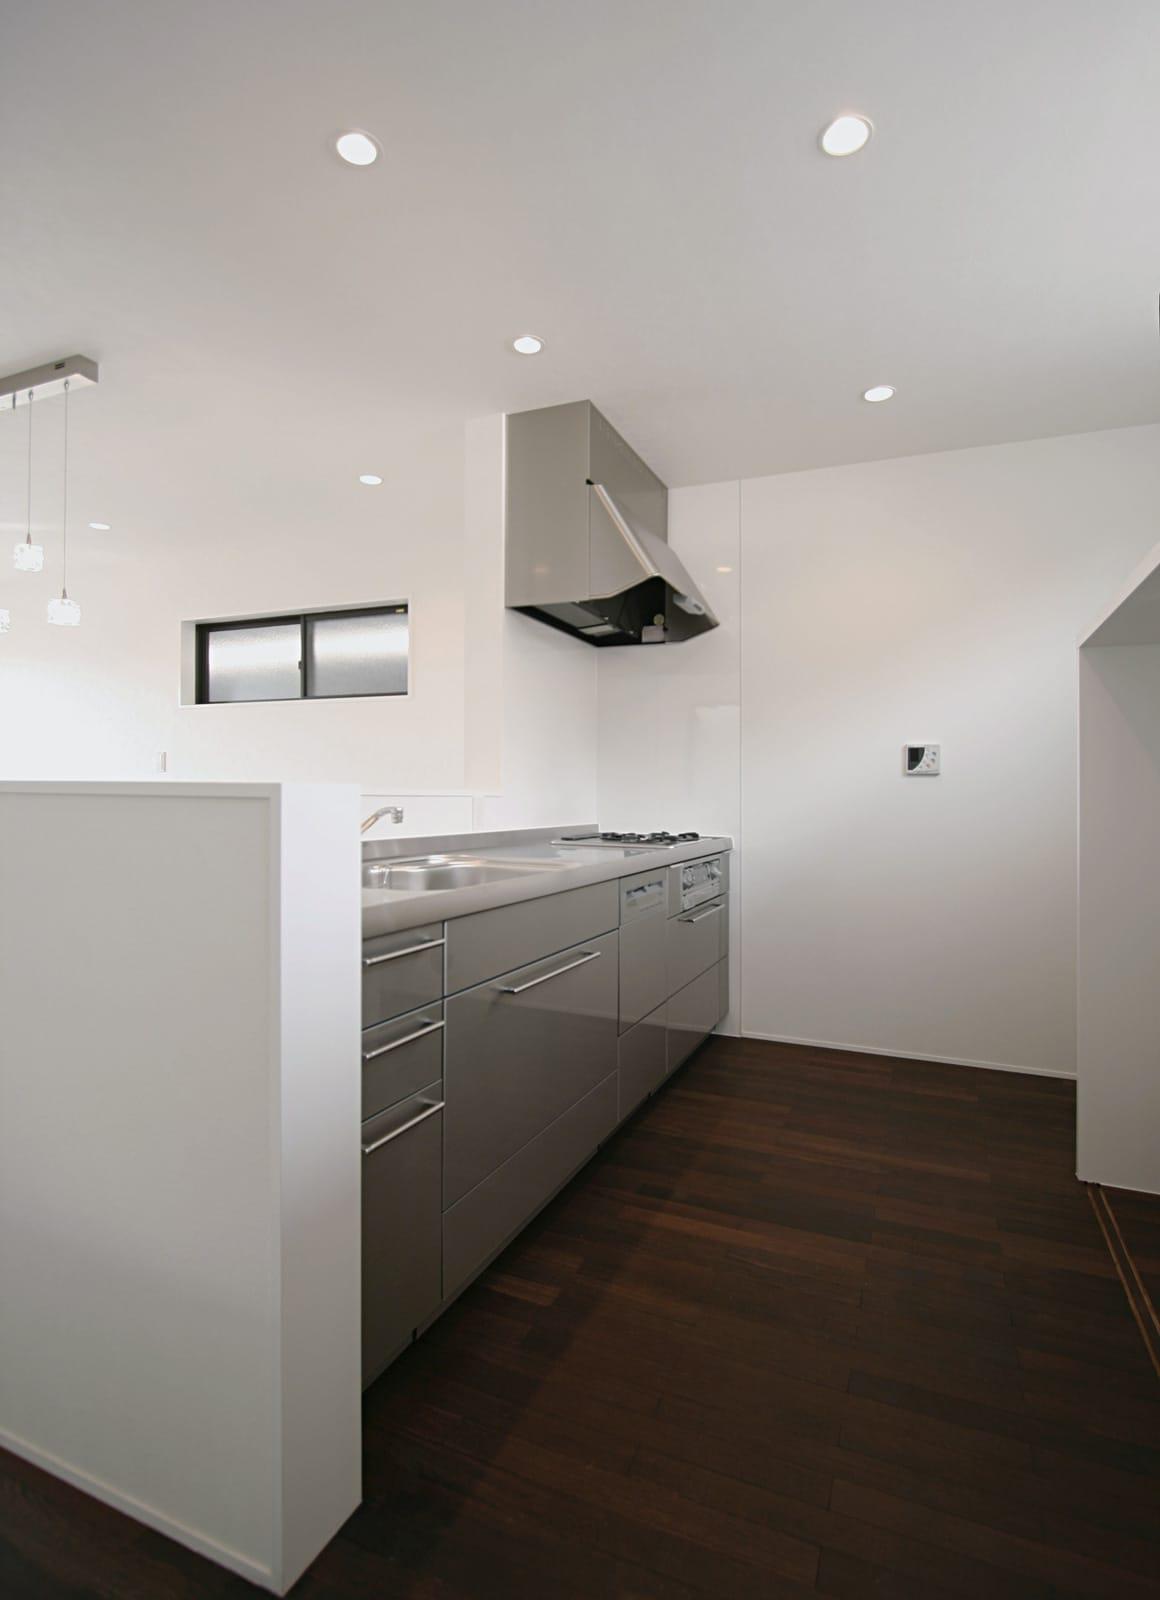 桜を眺める築40年の戸建住宅再生のキッチン1